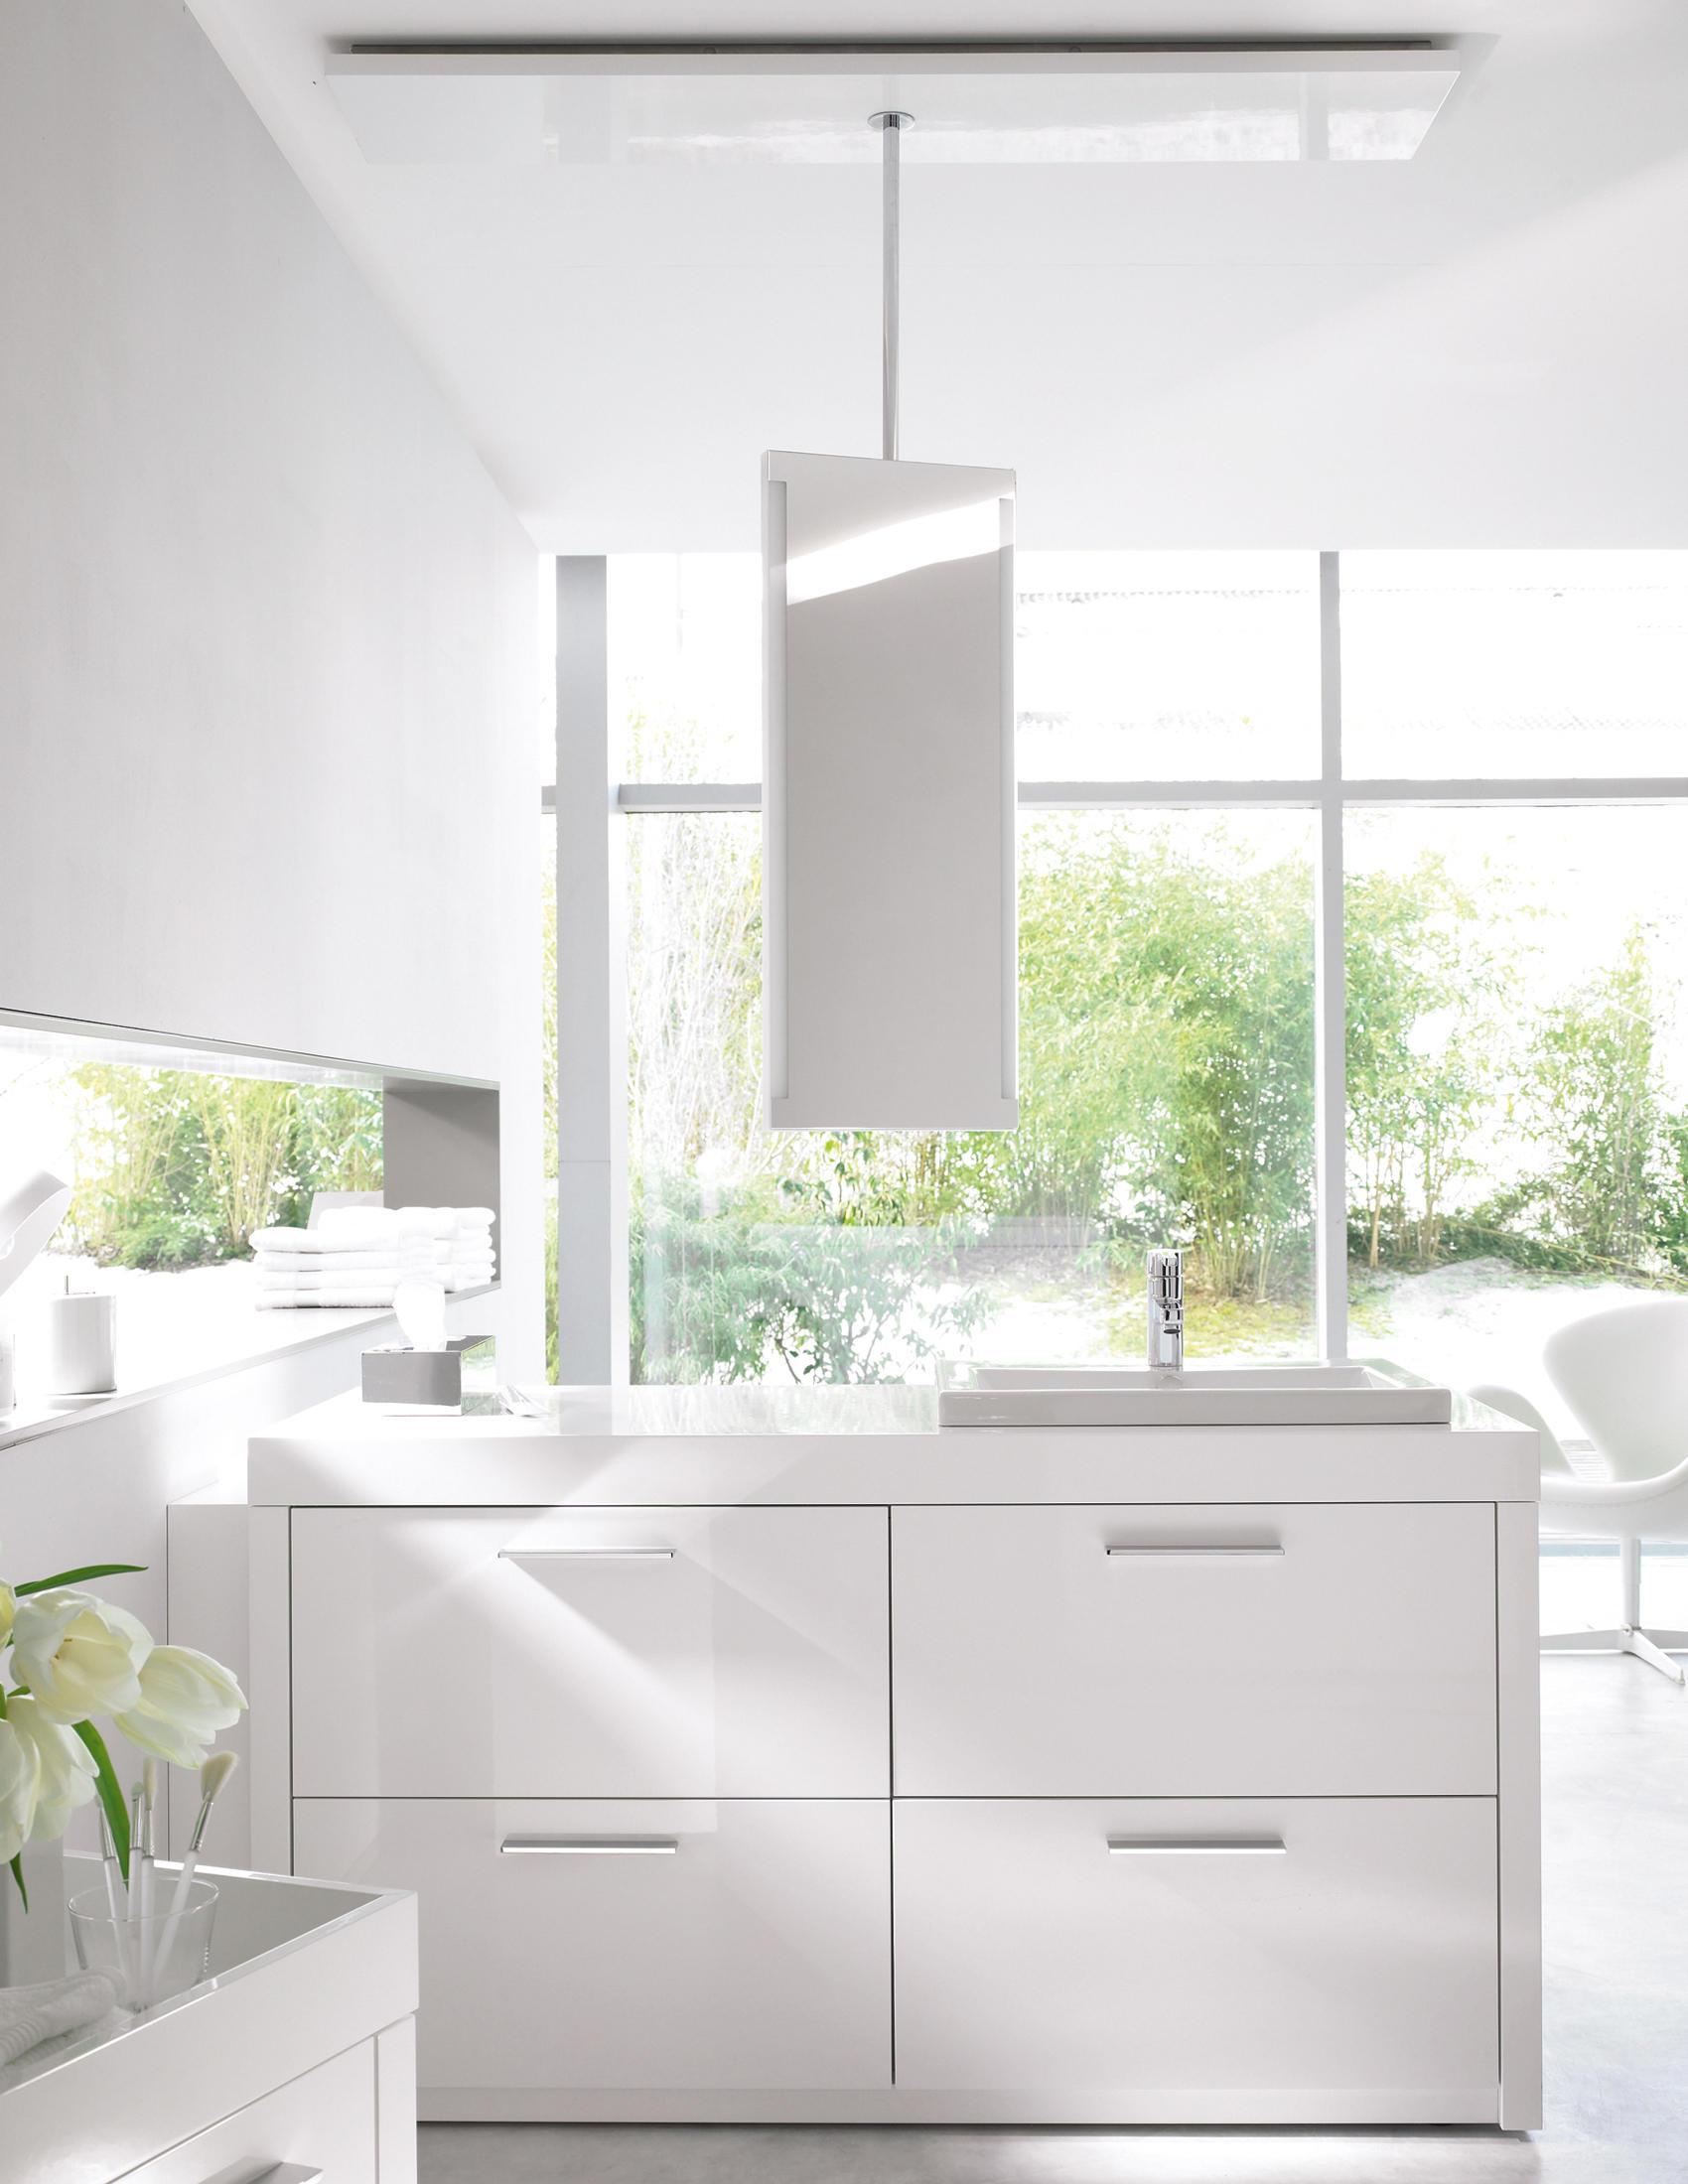 Miroir Salle De Bain Duravit ~ 2nd floor lavabo lavabos de duravit architonic